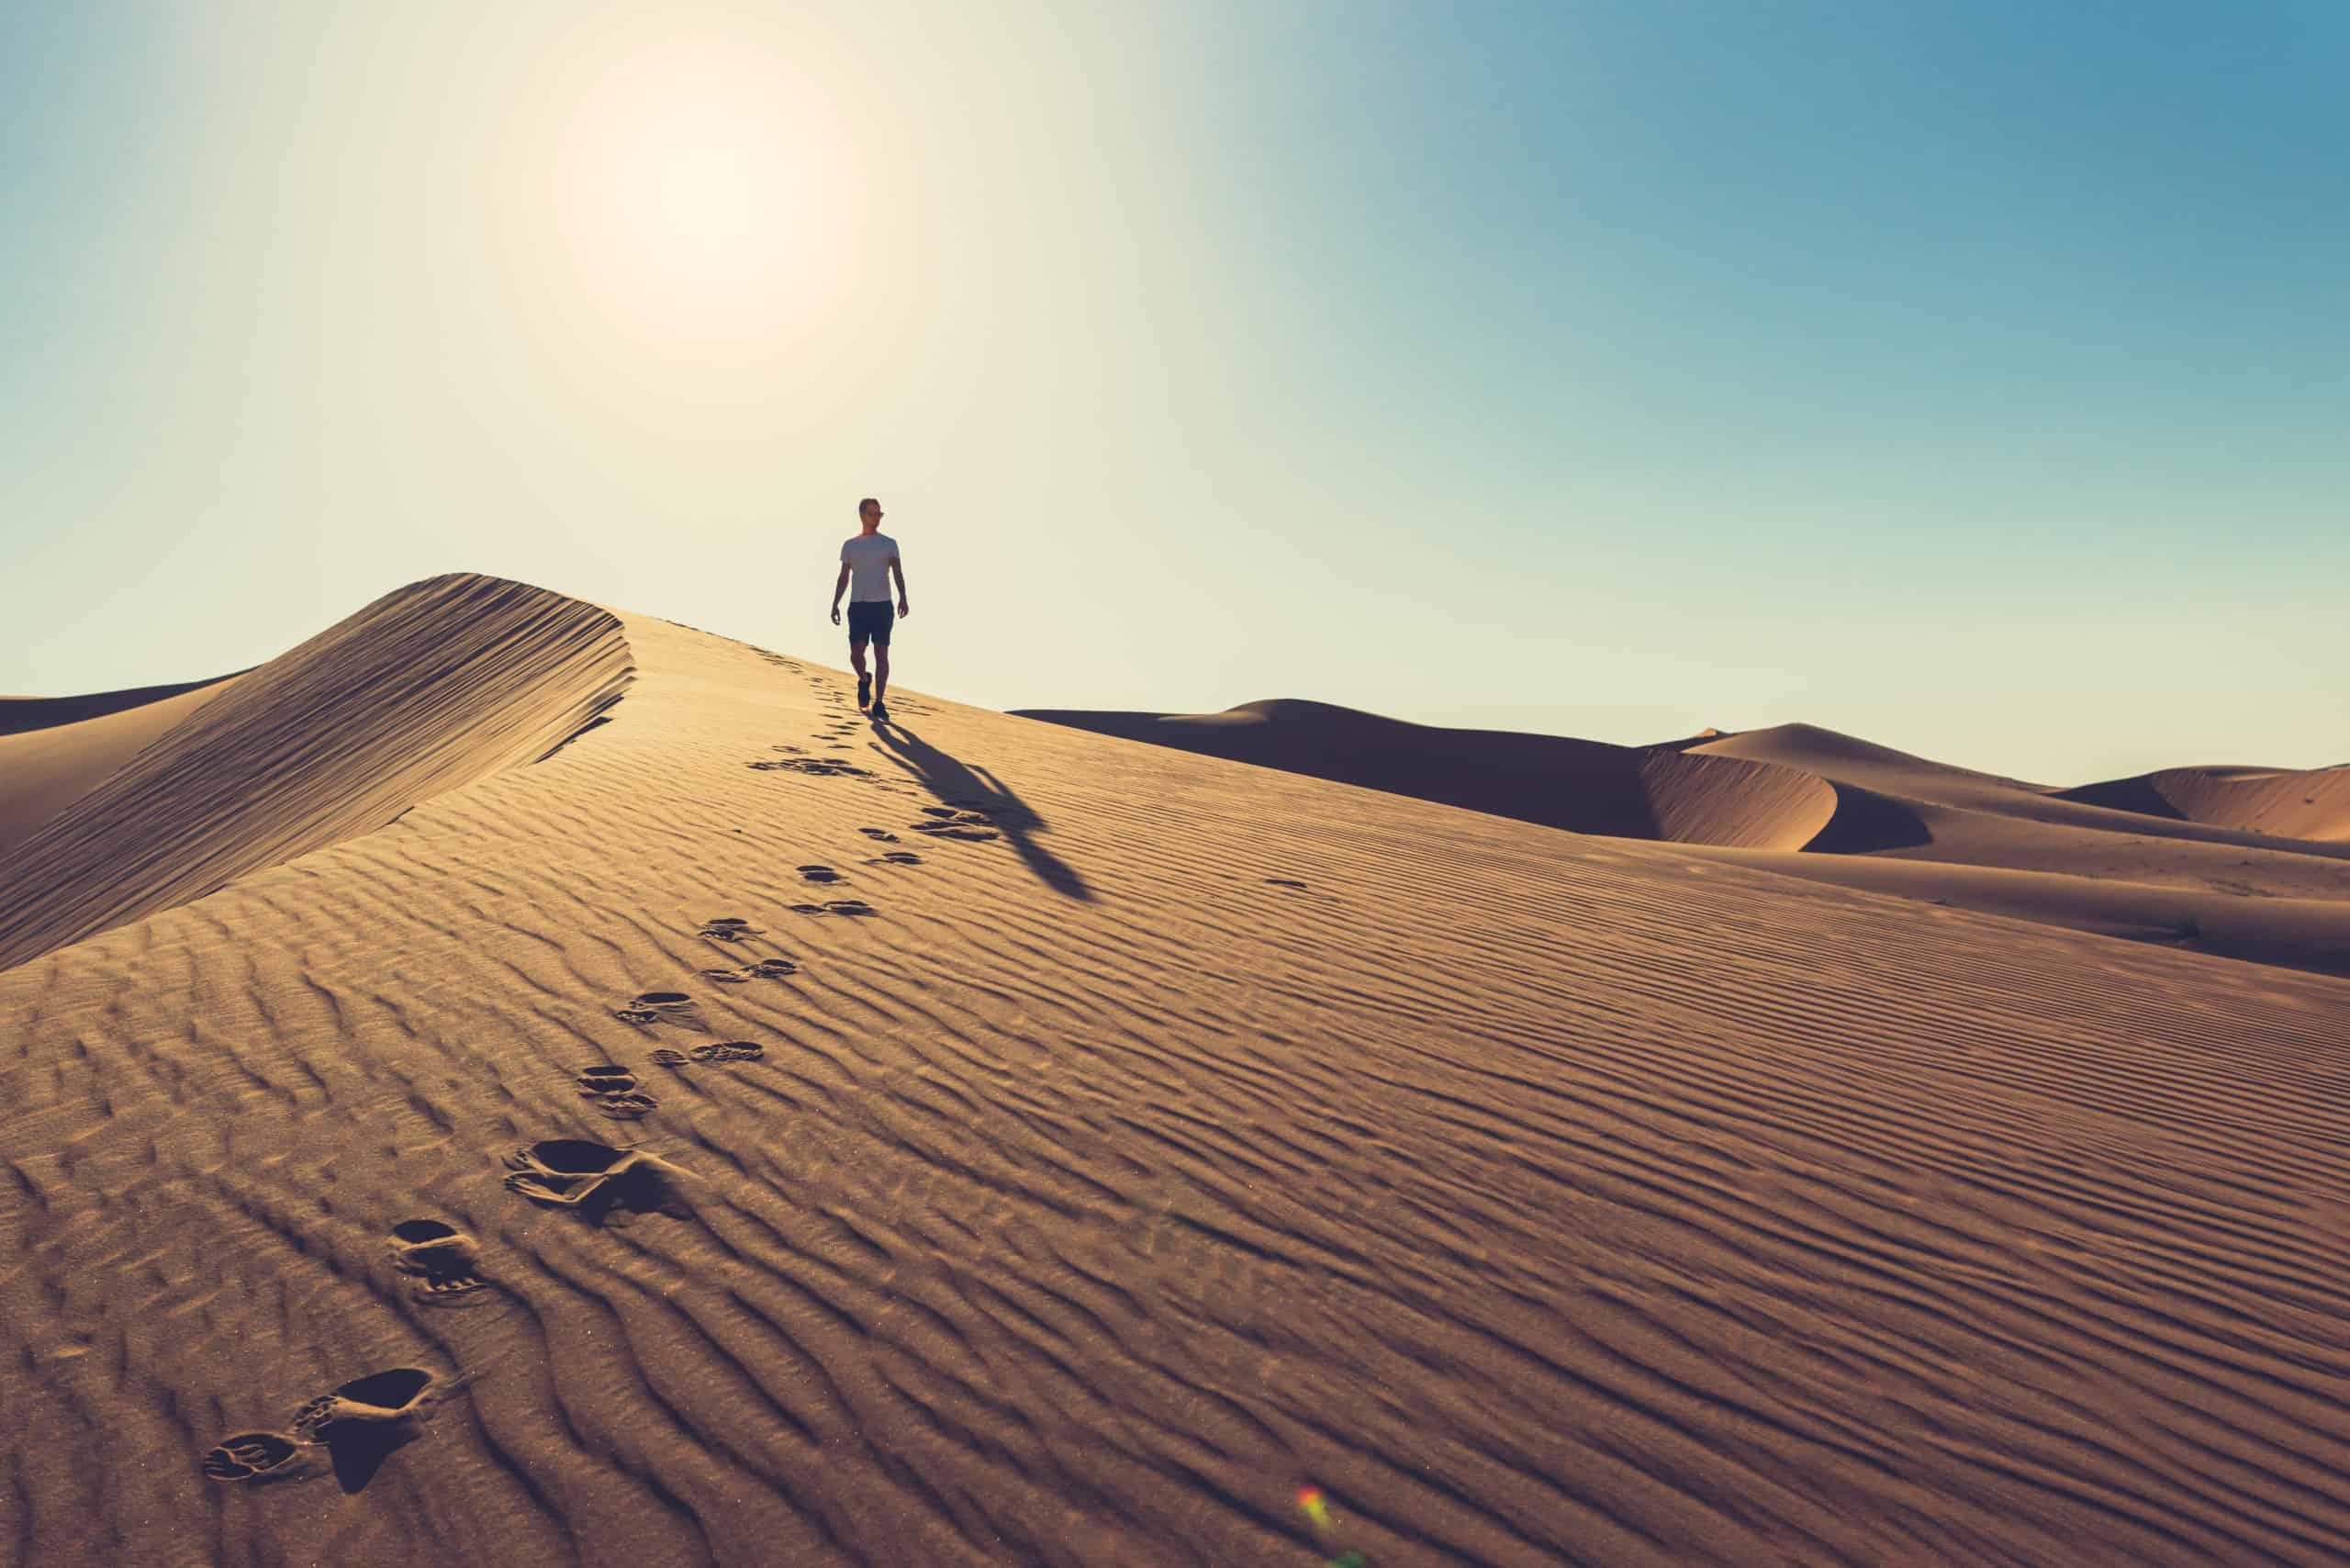 Photo of a man wandering through a desert.